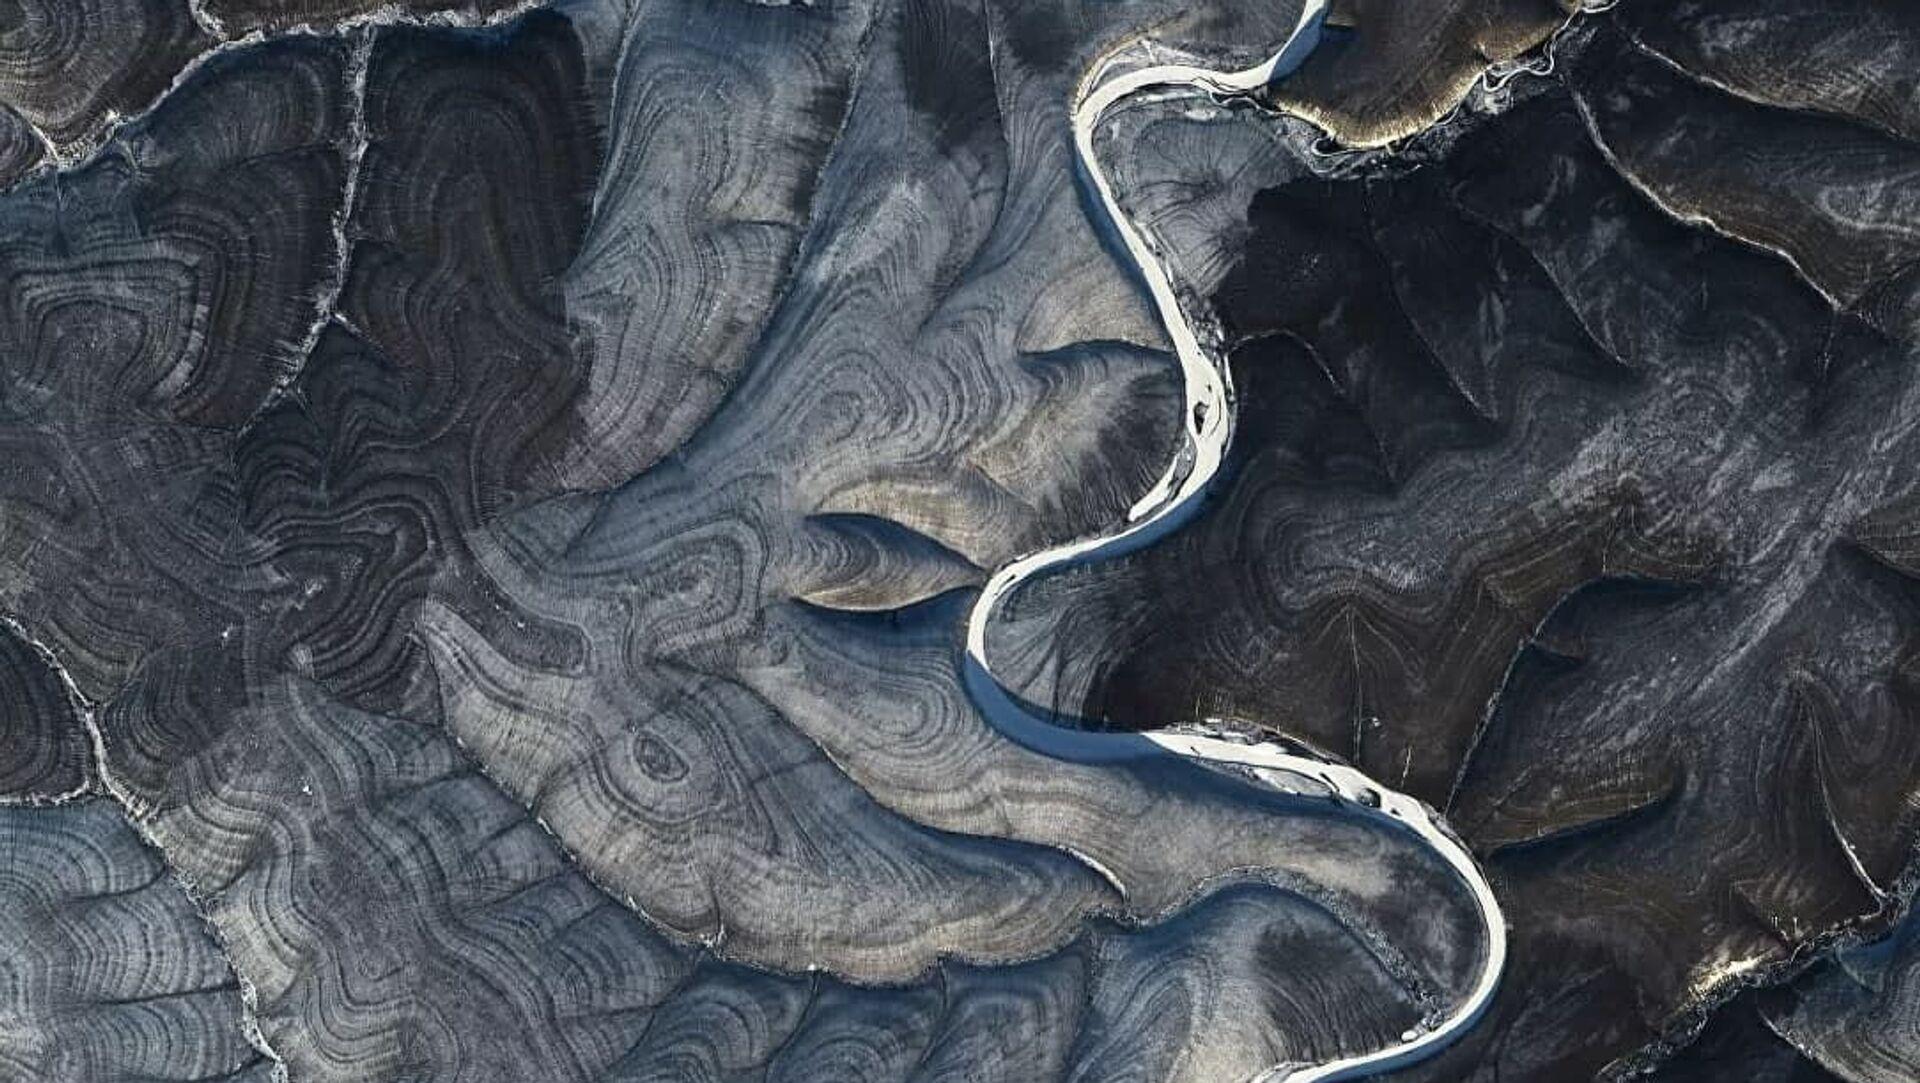 Le immagini del fiume Marcha in Siberia scattate dal satellite Landsat 8 - Sputnik Italia, 1920, 22.03.2021